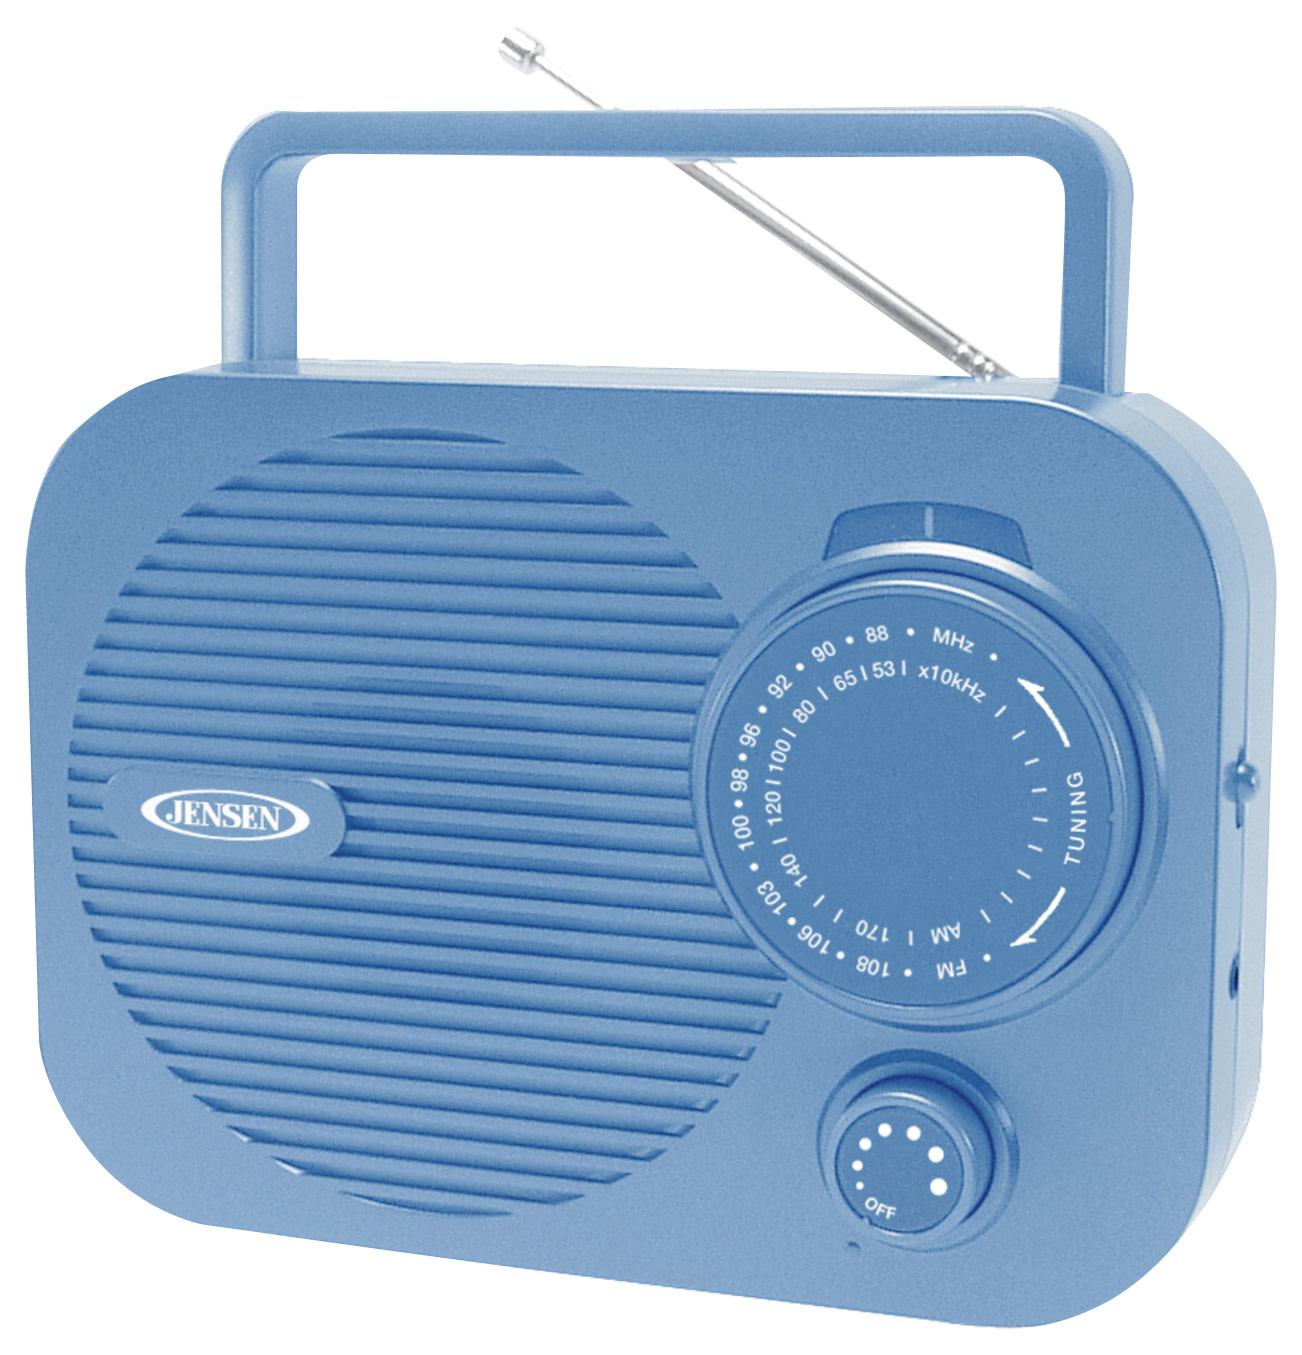 Jensen - AM/FM Radio - Blue